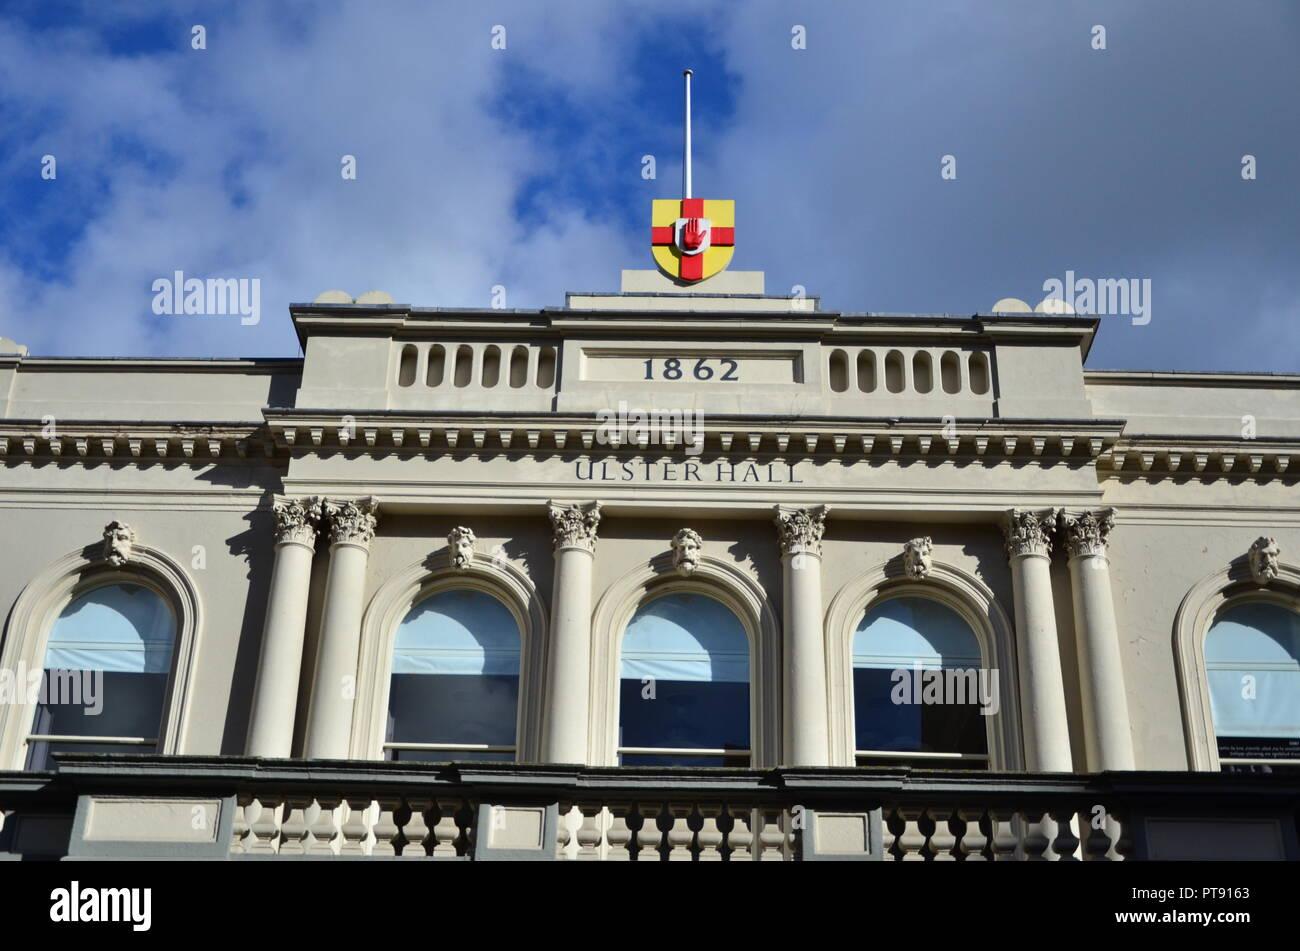 Belfast city skyline, Ulster Hall - Stock Image